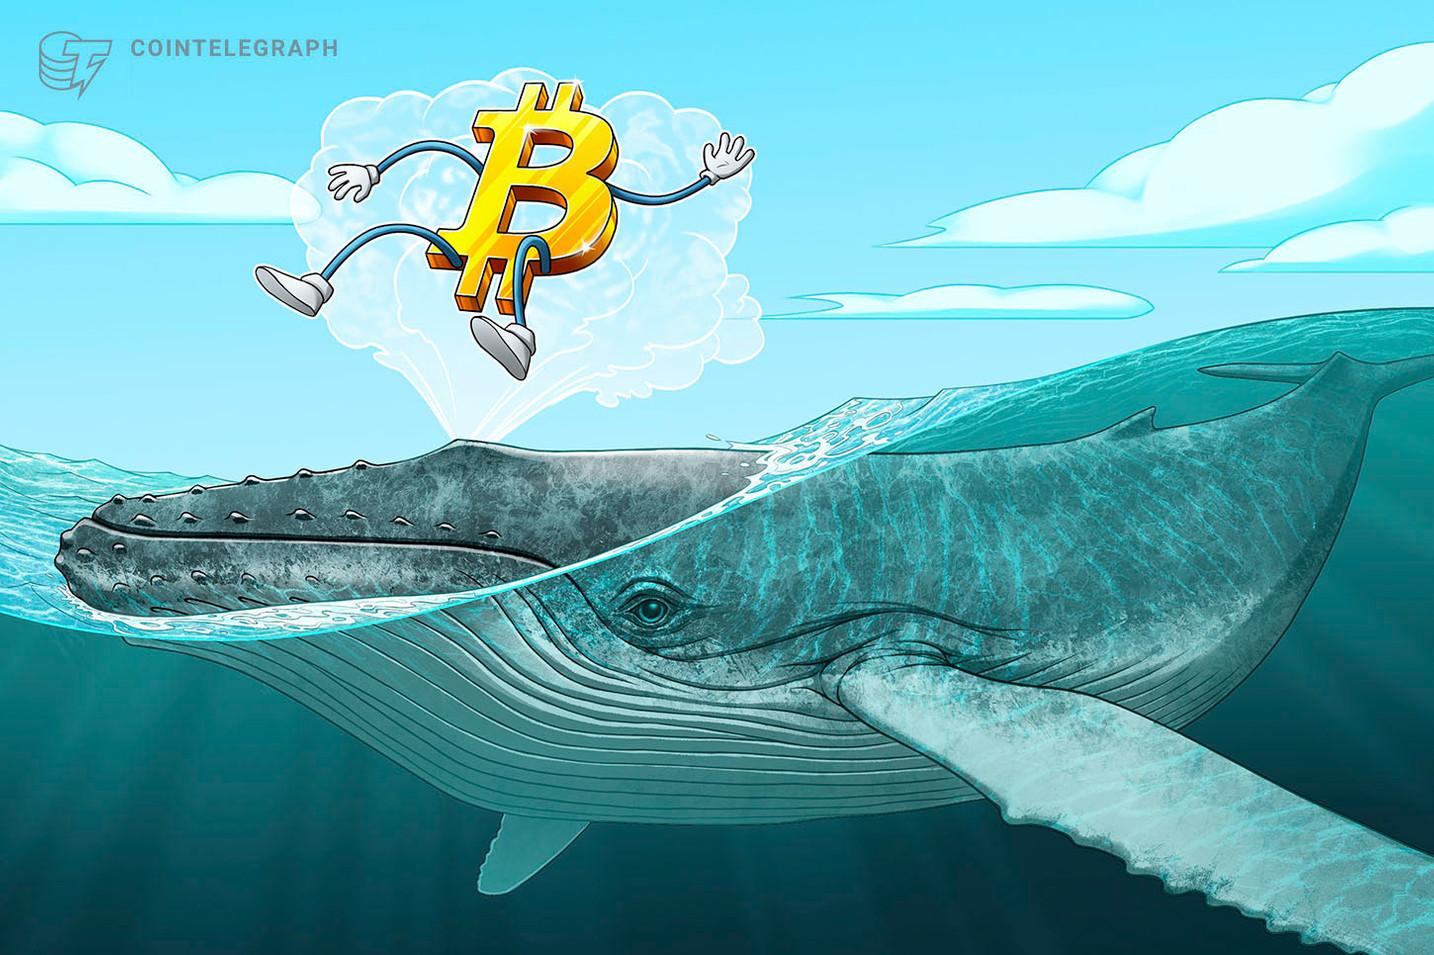 Las ballenas de Bitcoin están comprando de forma más agresiva desde Navidad